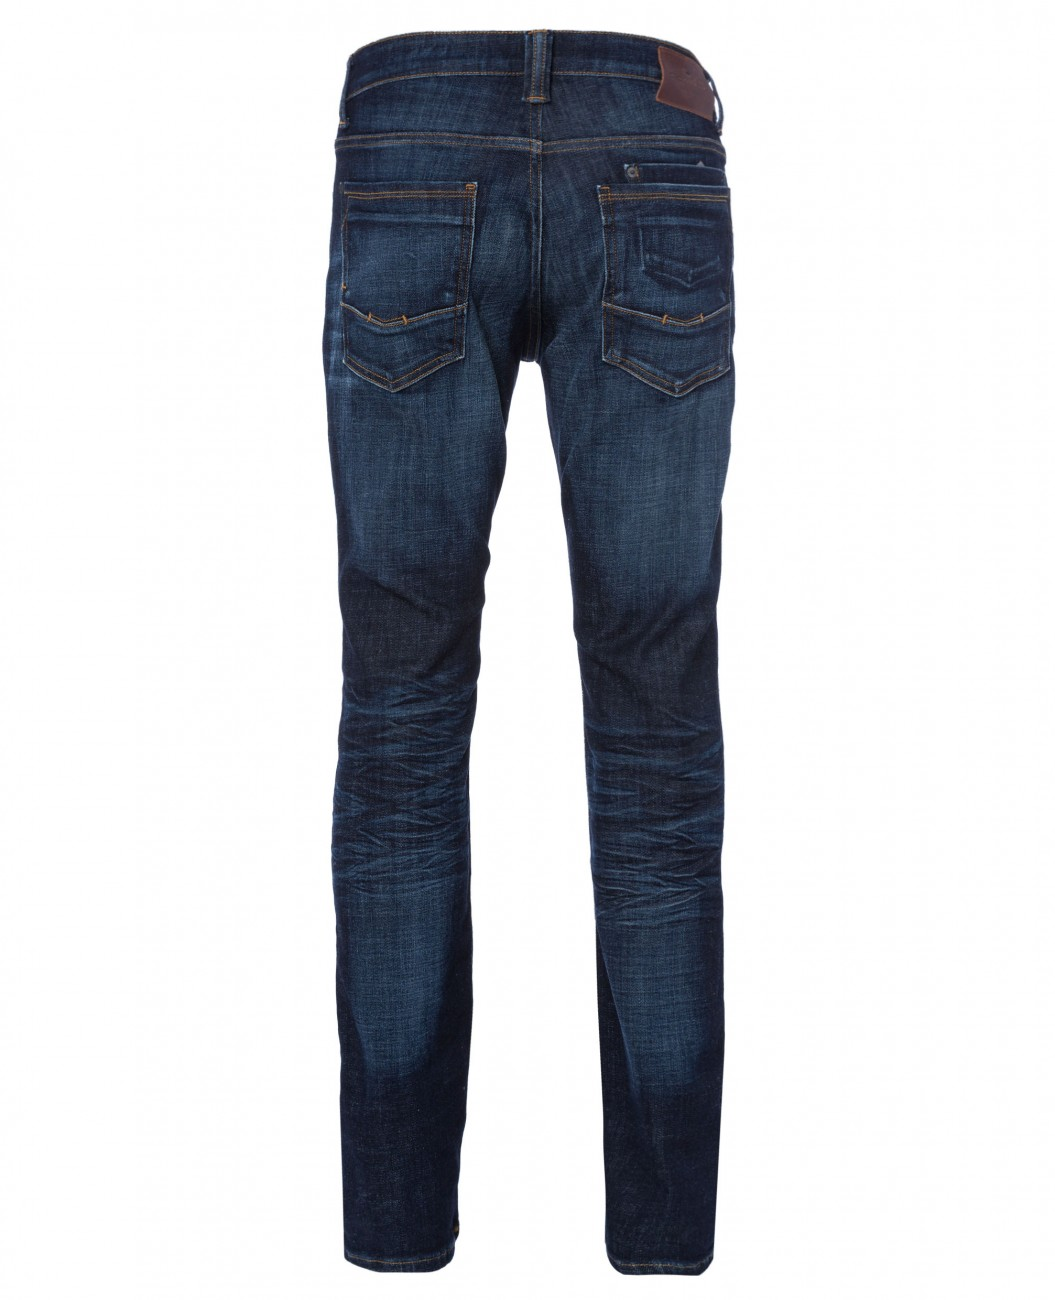 cross herren jeans dylan regular fit blau deep blue kaufen jeans direct de. Black Bedroom Furniture Sets. Home Design Ideas